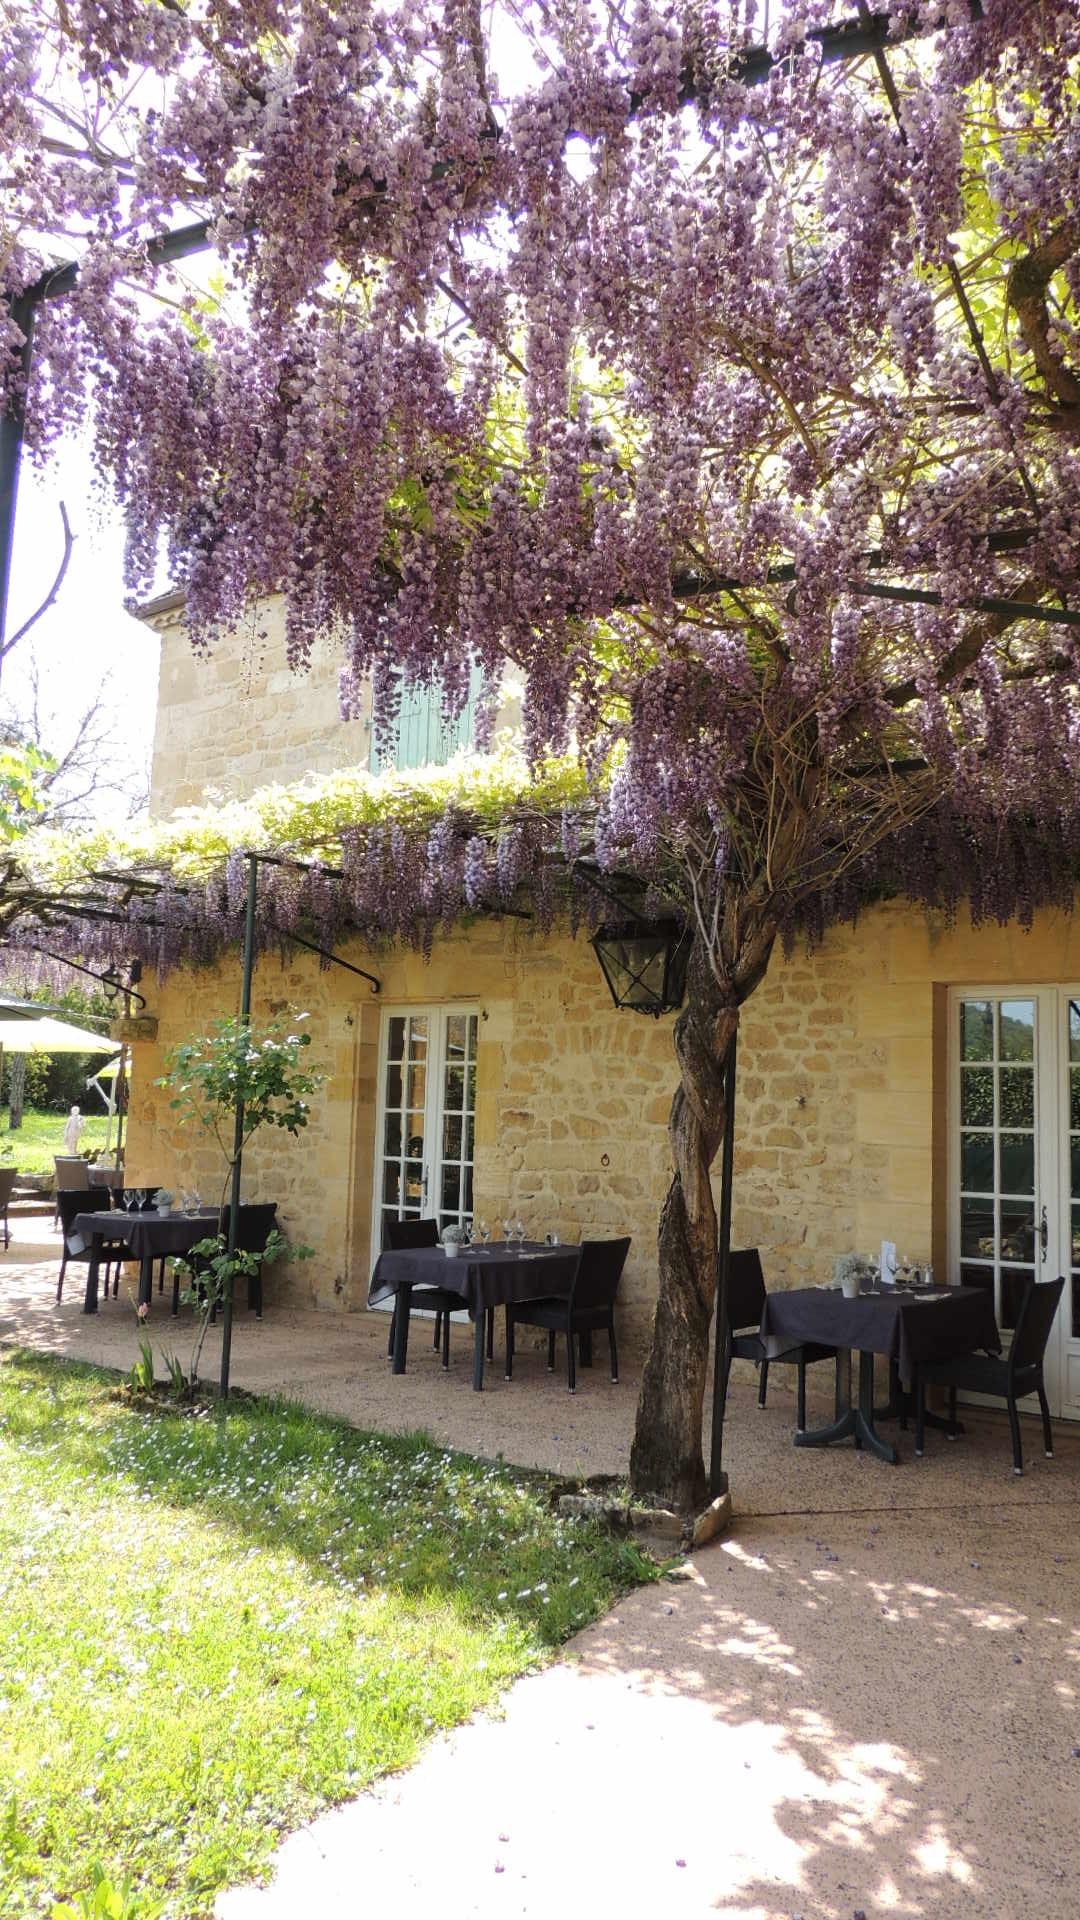 restaurant-la-roque-gageac-lespesgaillardou